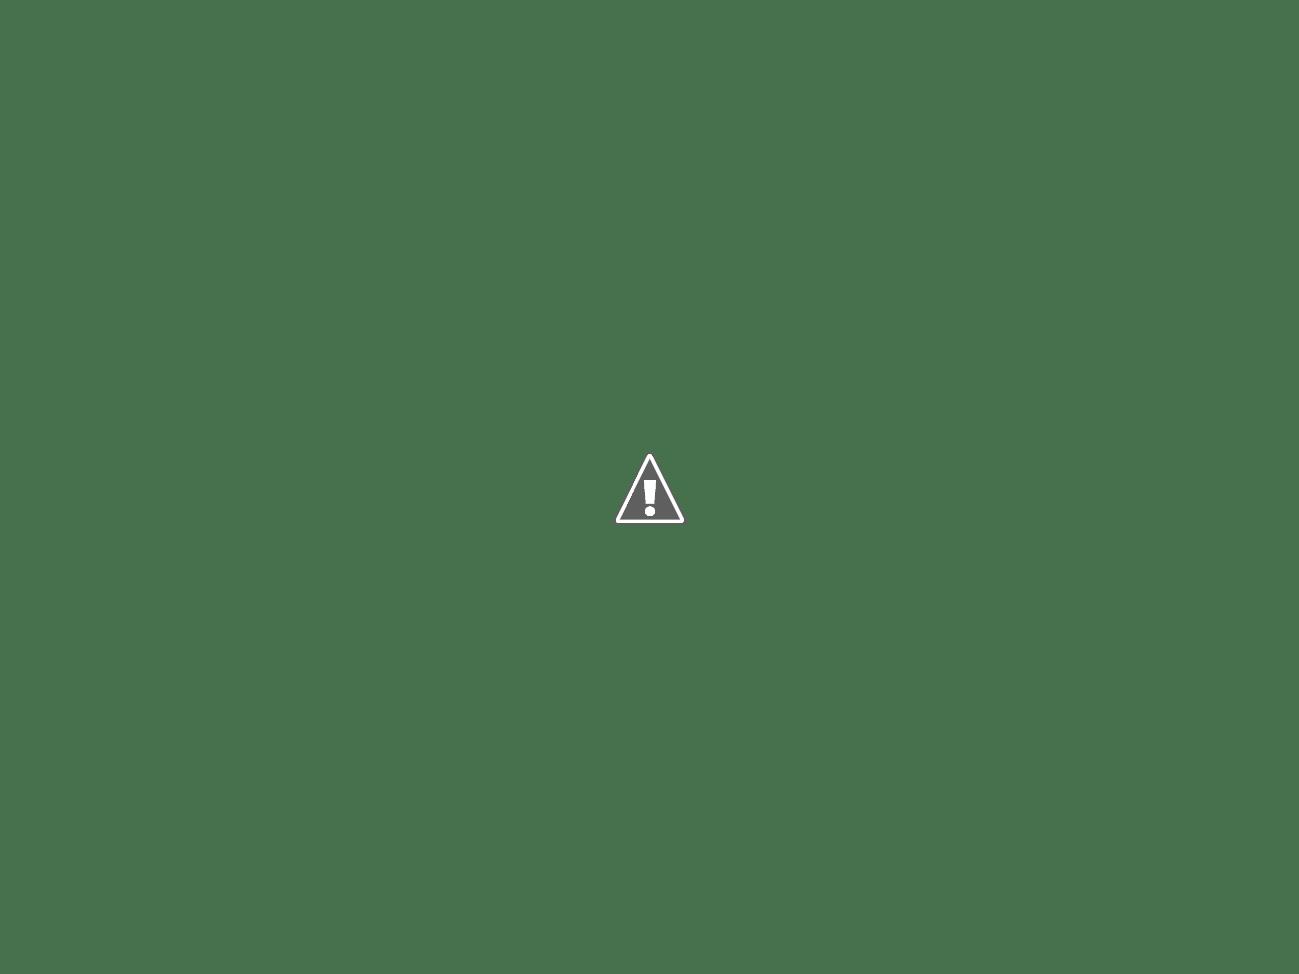 Tacos of Guzman y Gomez